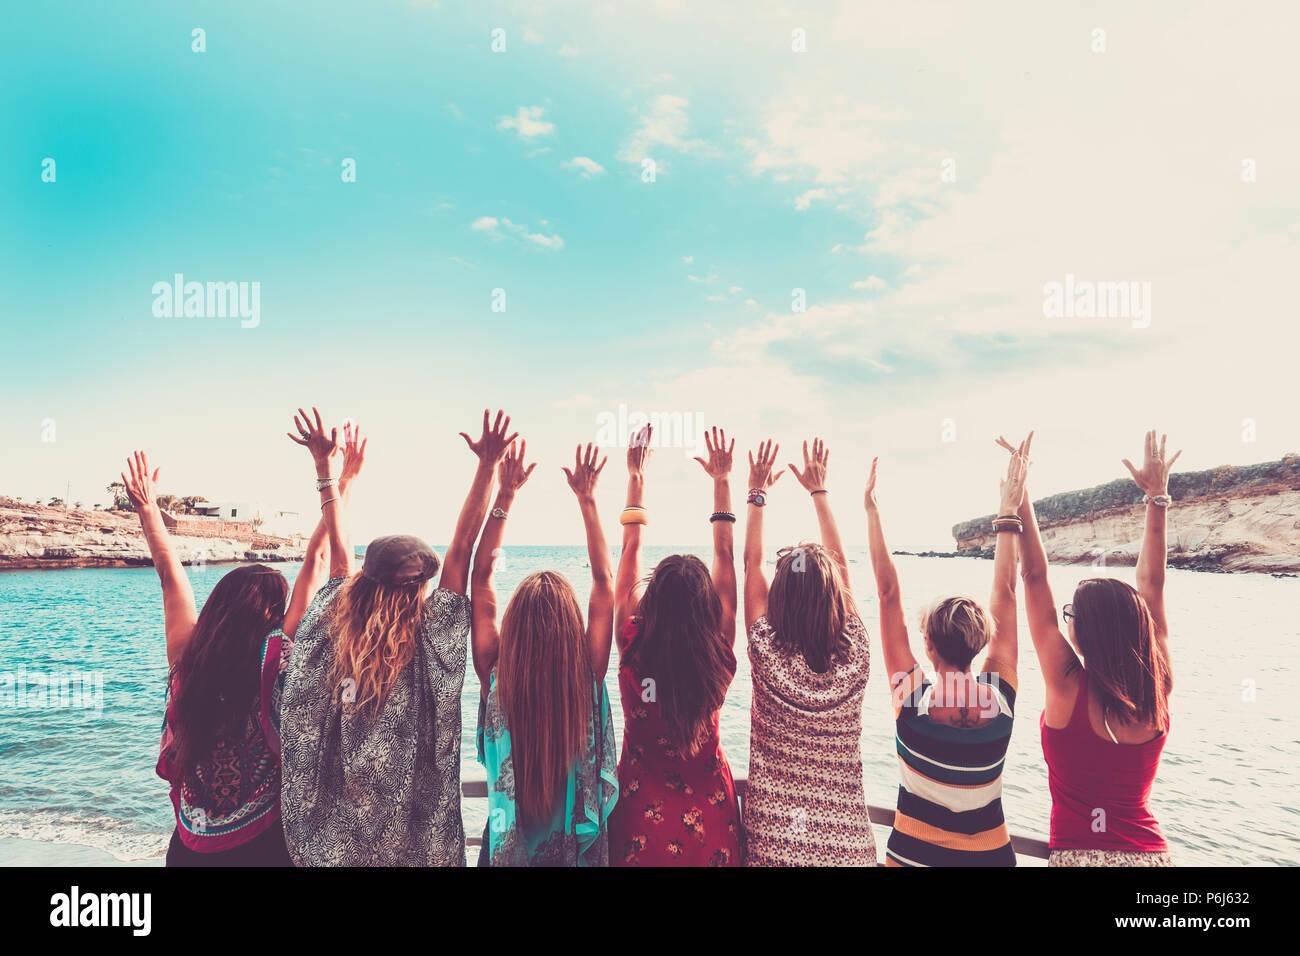 Gruppe von Frauen genießen und im Sommer Urlaub feiern alle gemeinsam Sagen hallo, das Meer und die Natur. Jugendliche Freizeitgestaltung, alle Hände Stockbild